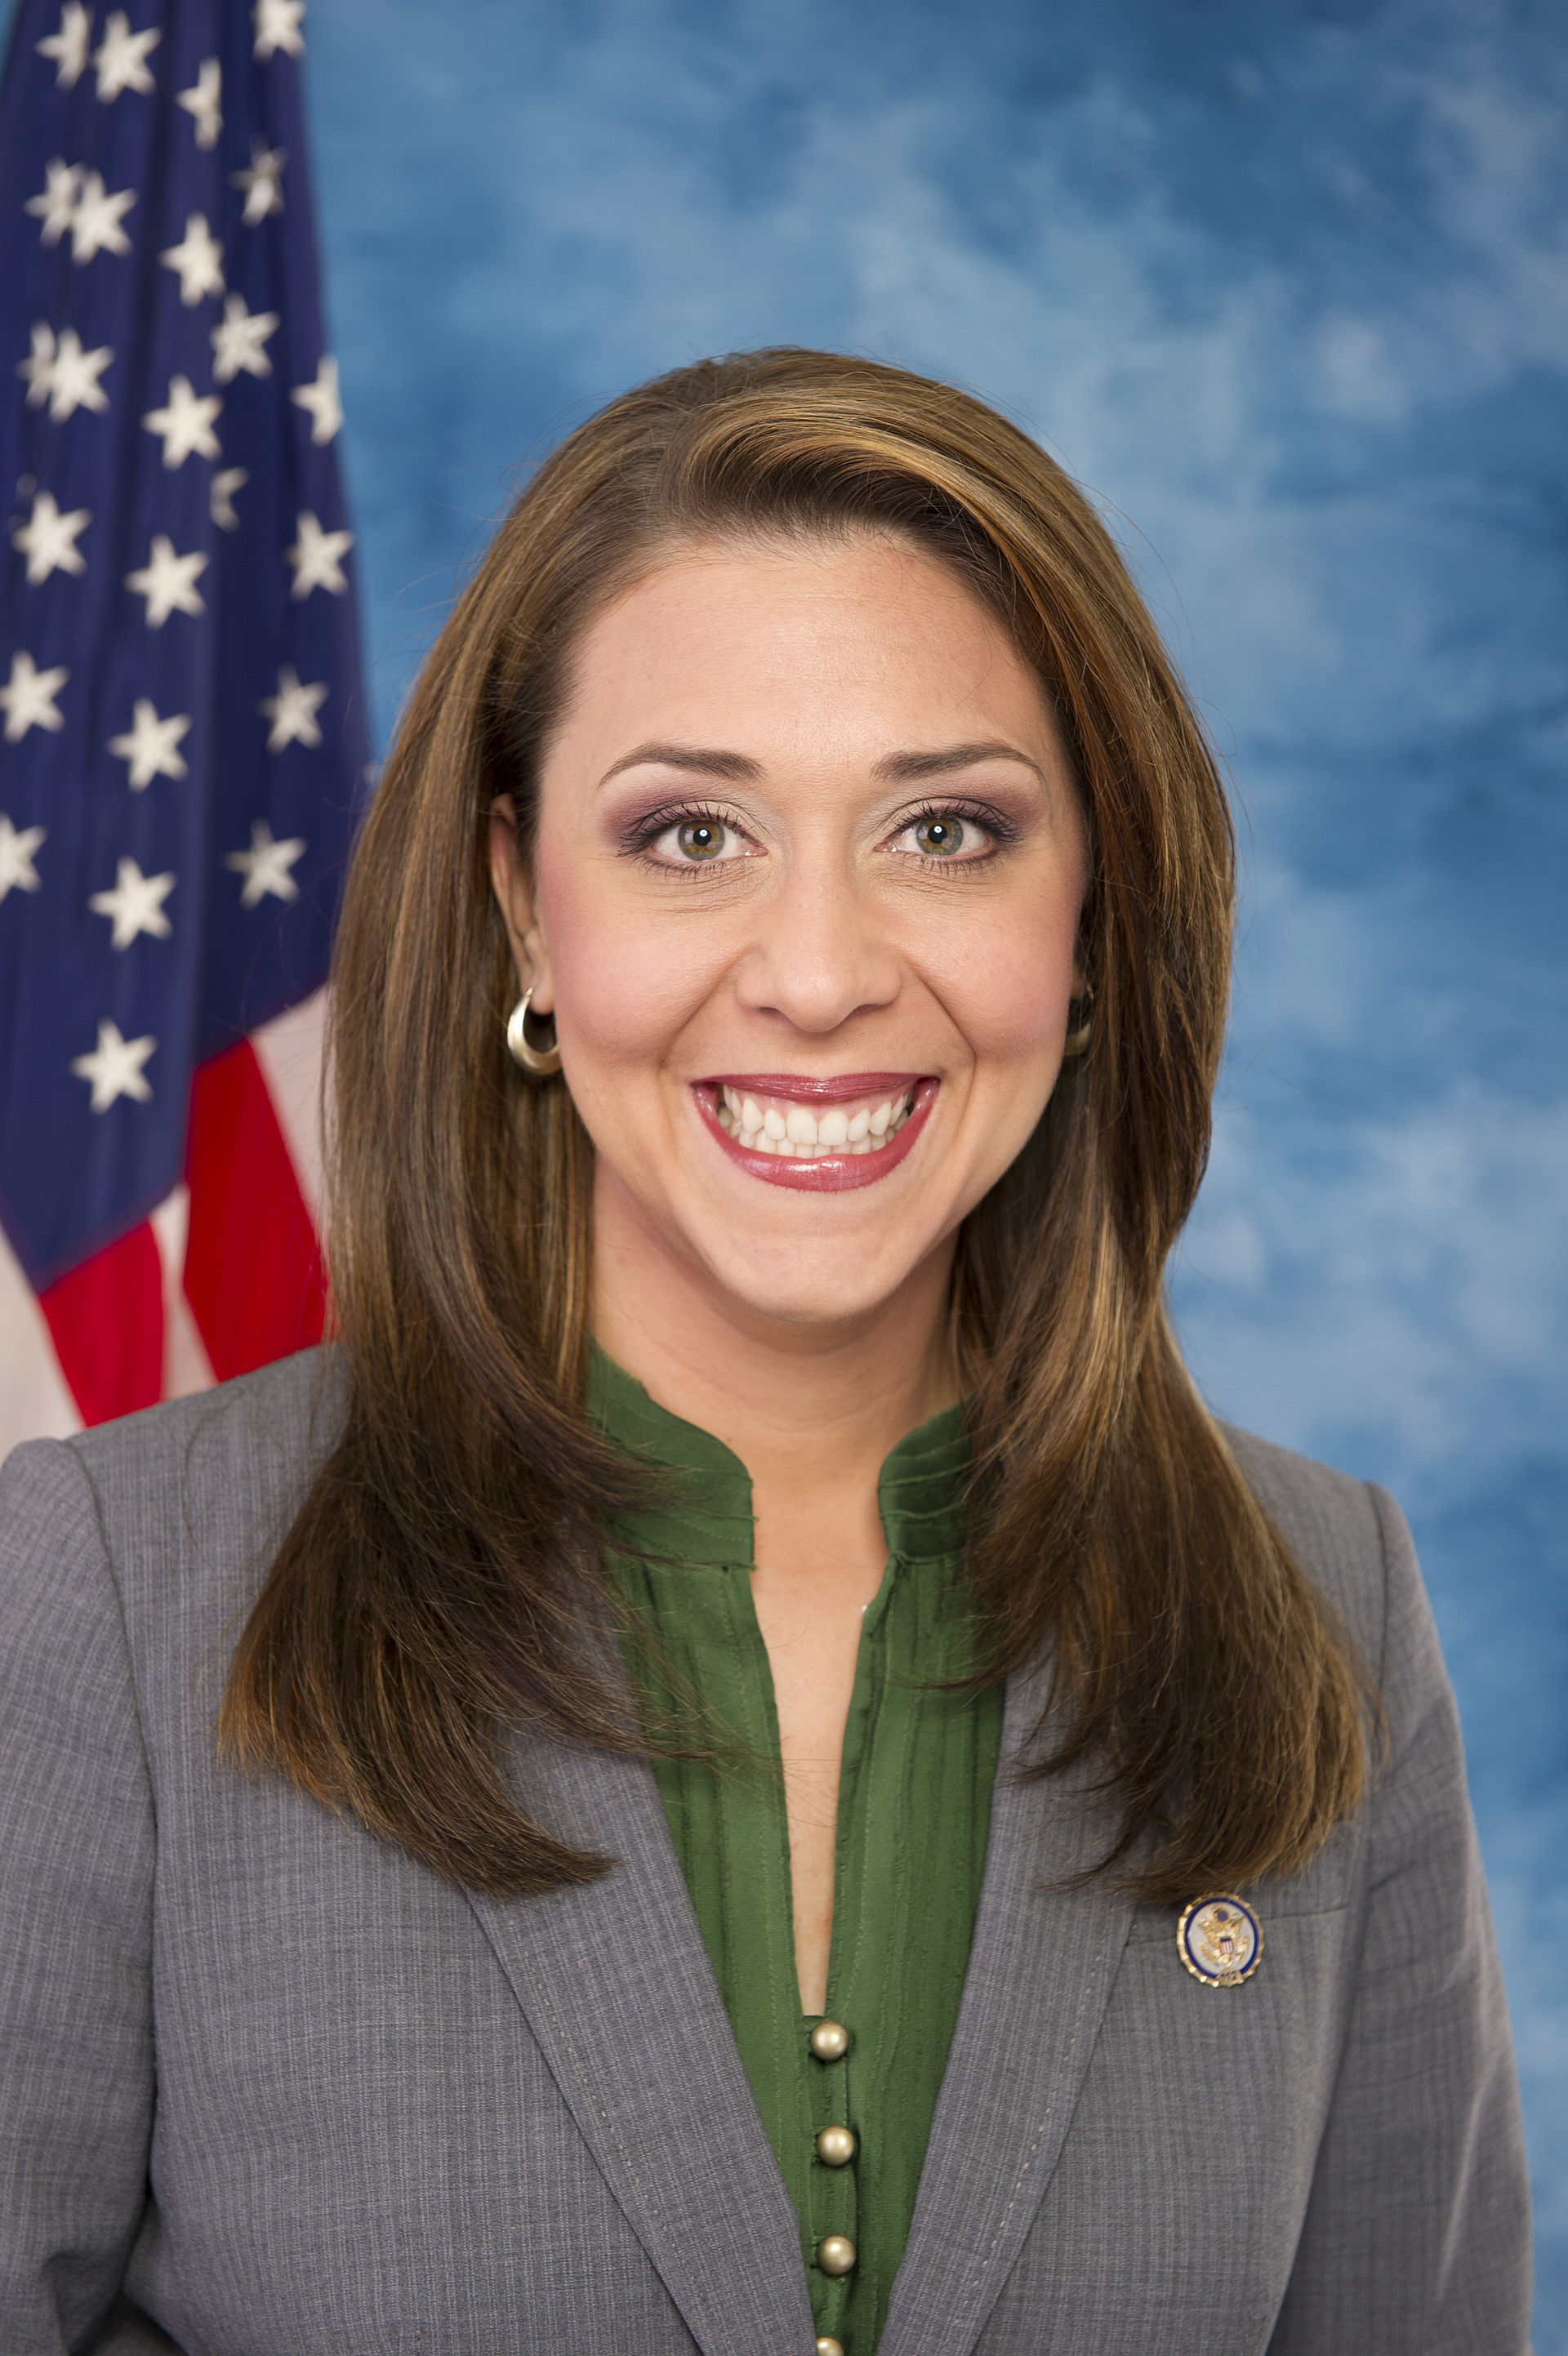 Jaime Herrera Beutler  Wikipedia